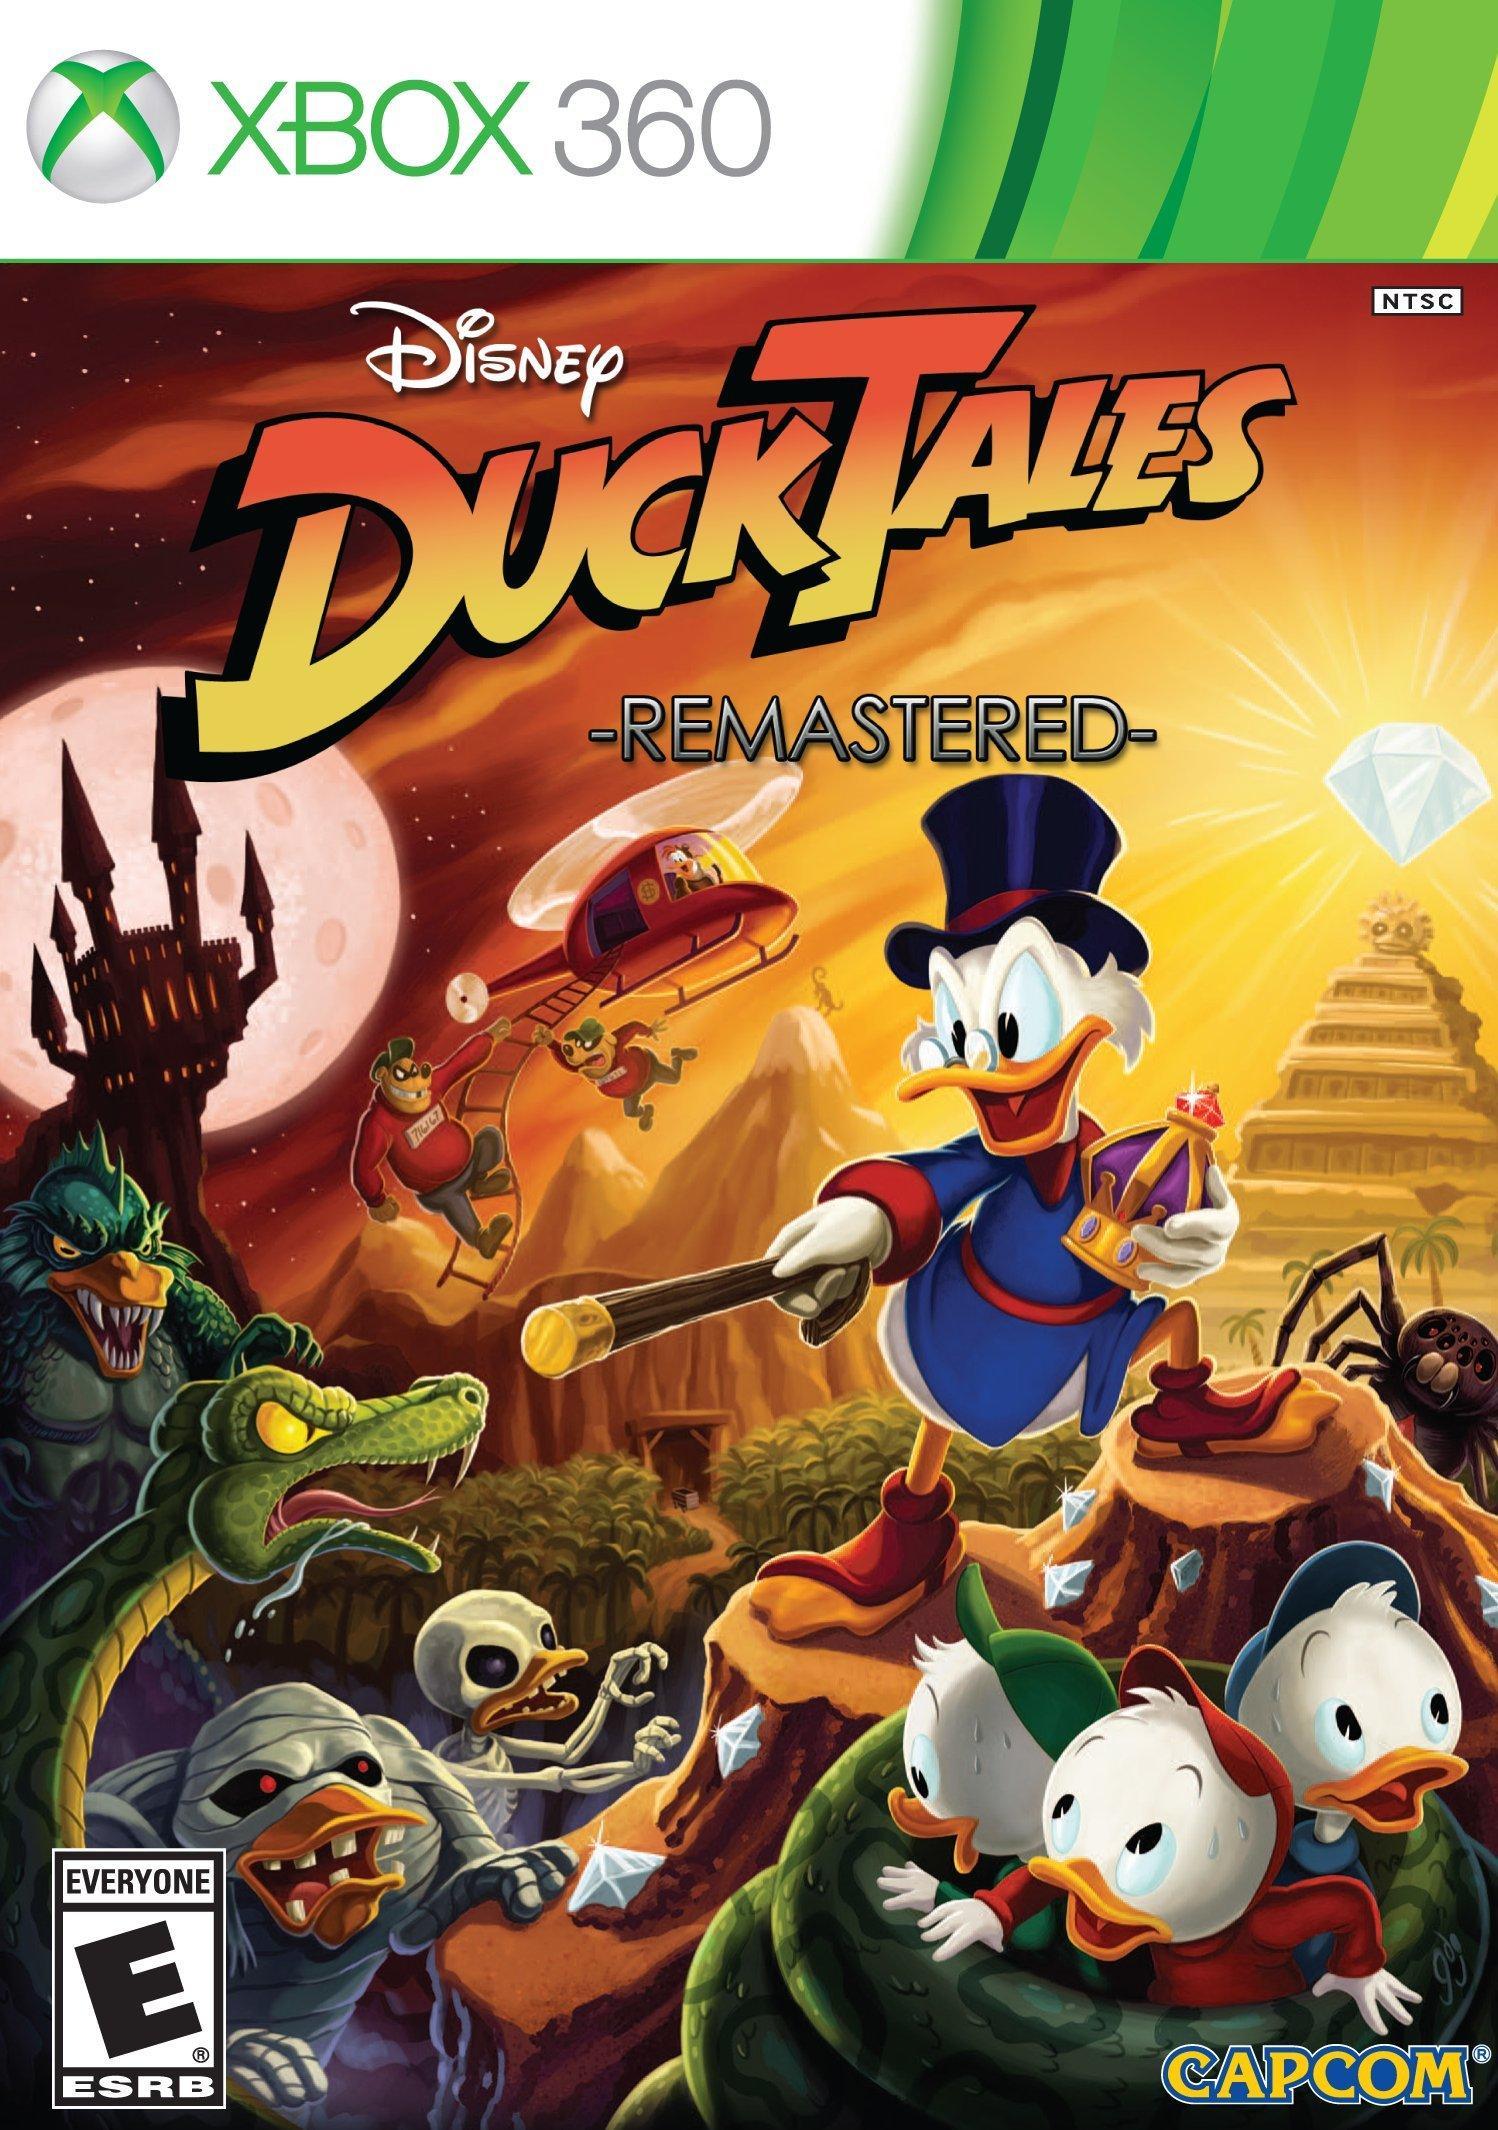 DuckTales Remastered | Xbox 360 | GameStop